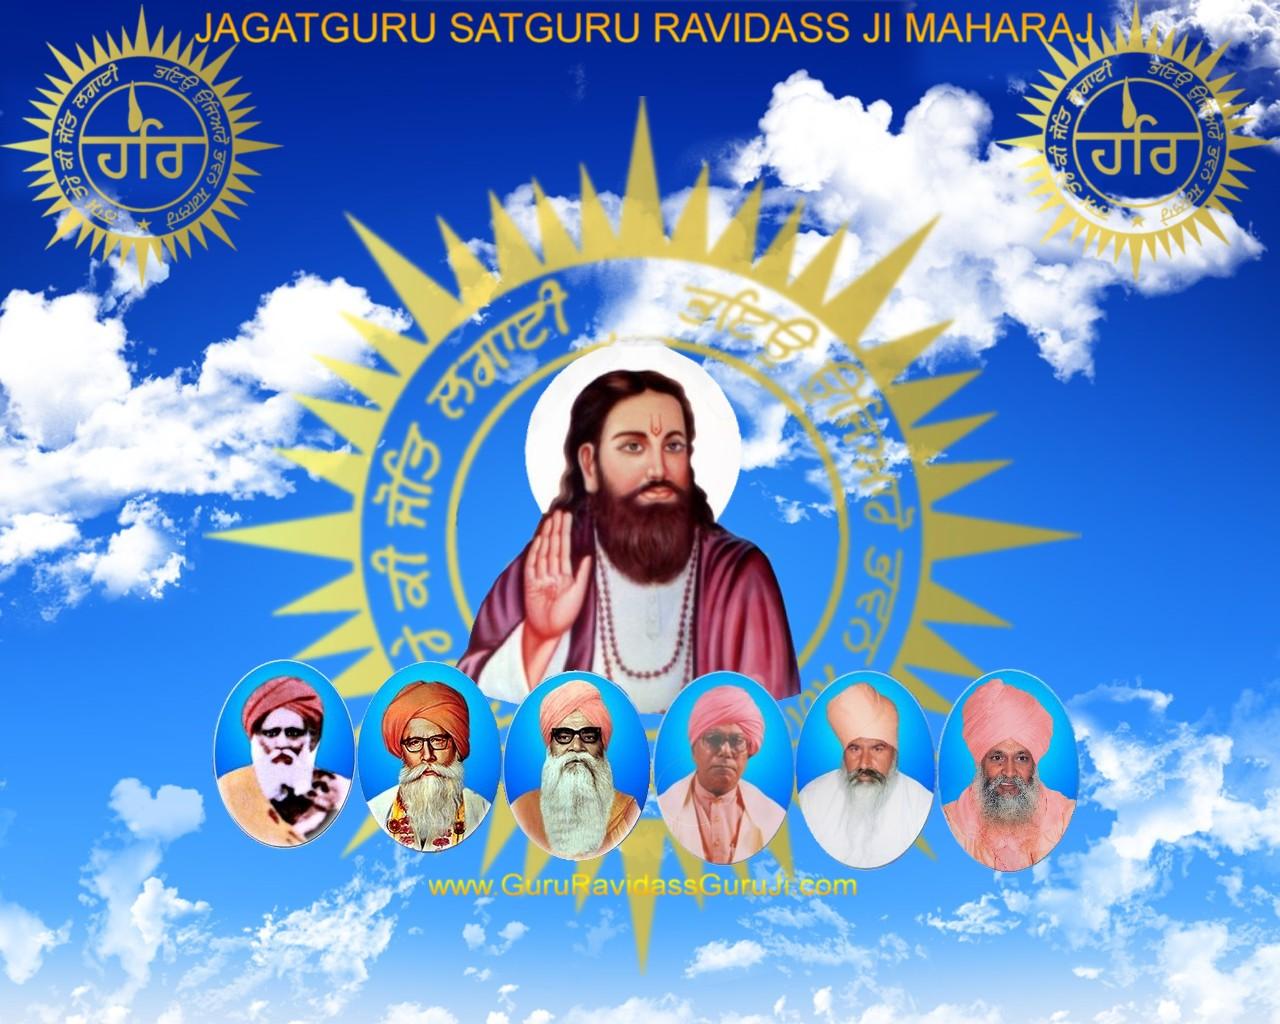 Jo Bole So Nirbhay Satguru Ravidass Maharaj Ki Jai